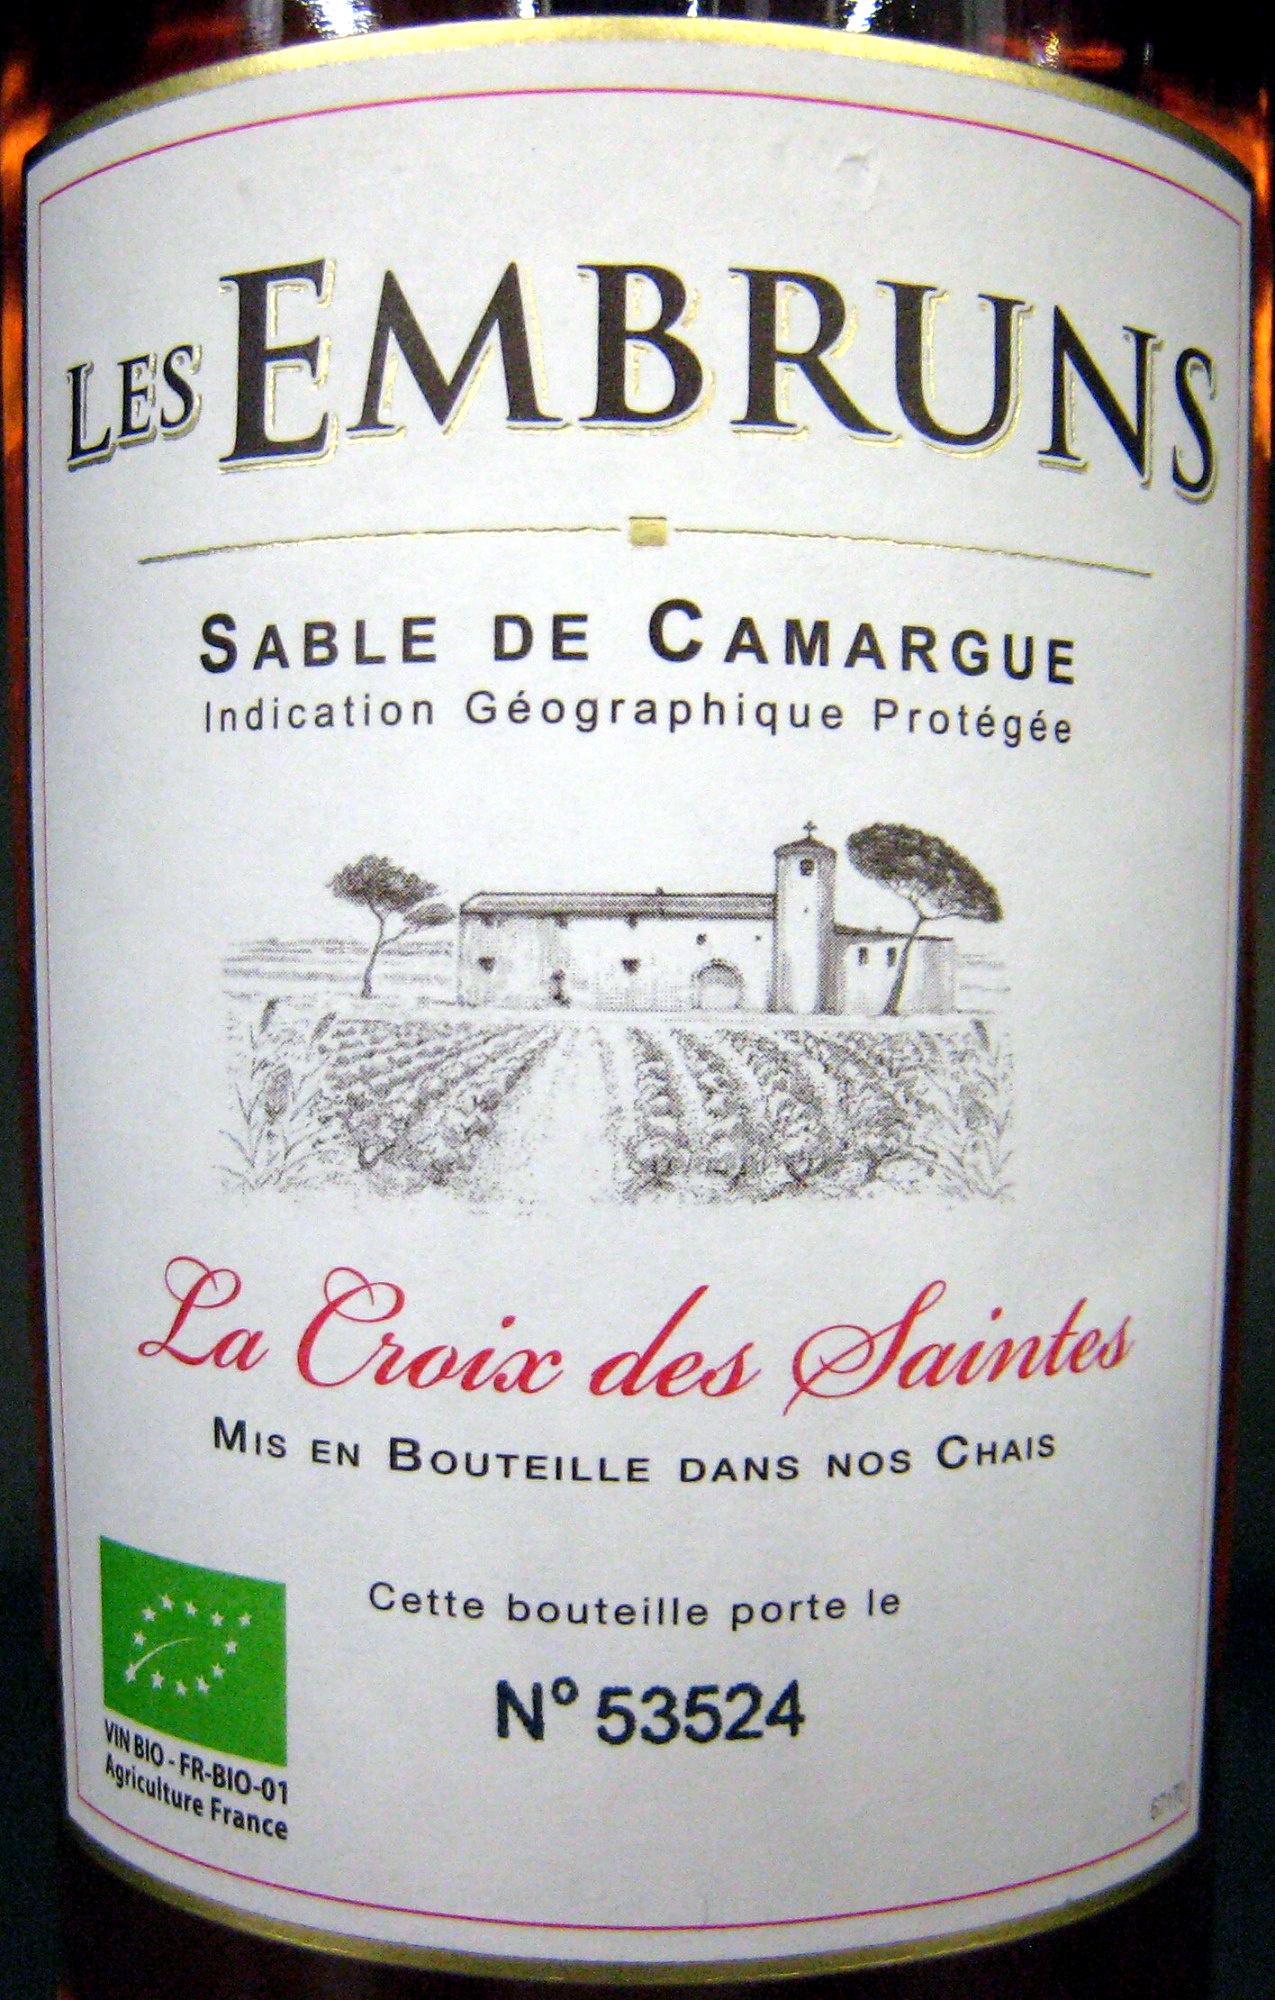 Les Embruns Sable de Camargue IGP La Croix des Saintes - Product